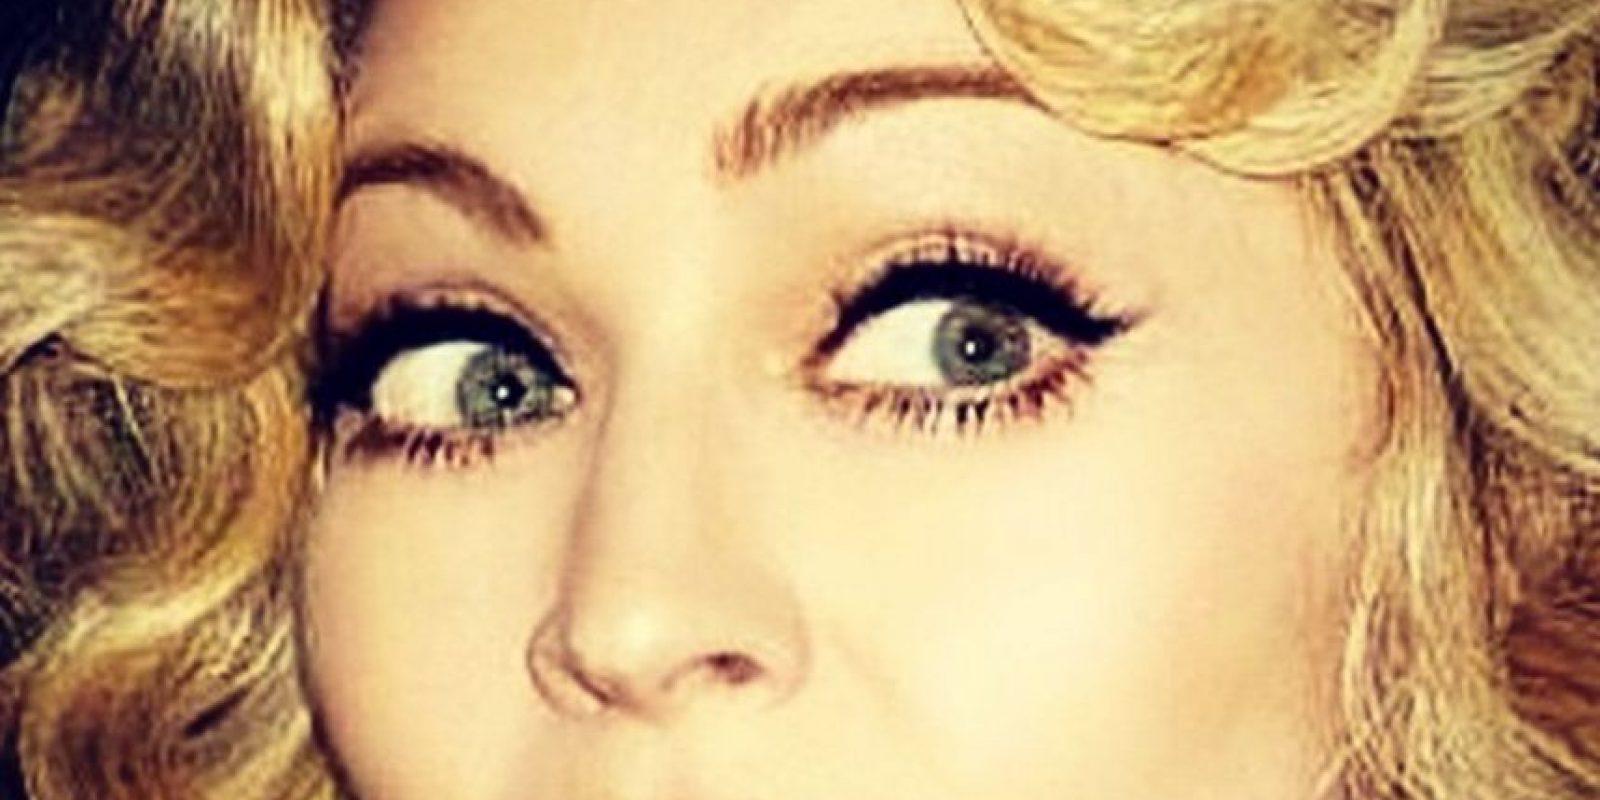 El mes pasado comenzaron a aparecer temas de Madonna en Internet todavía no lanzados Foto:Instagram @madonna